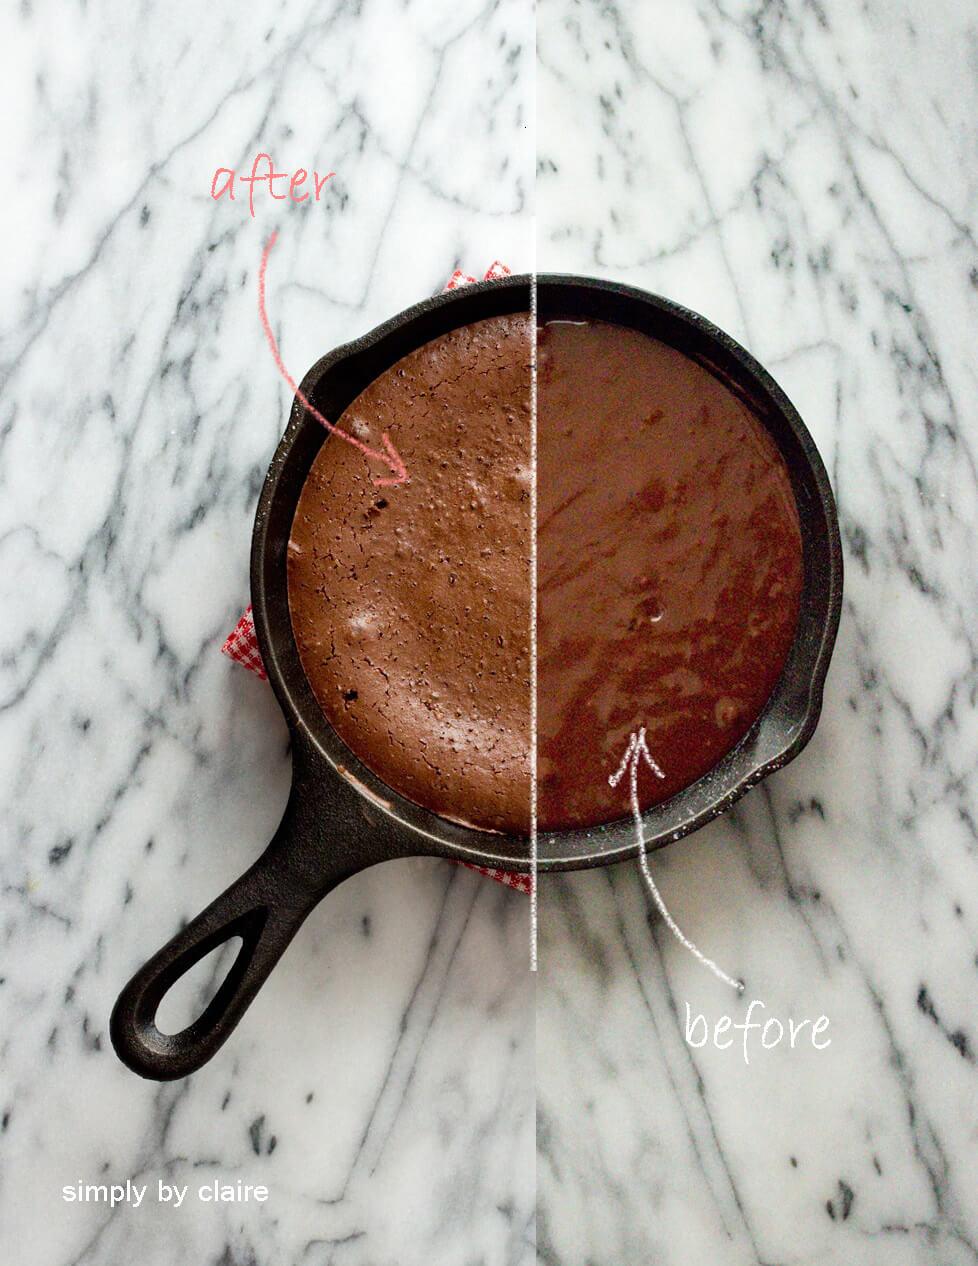 鑄鐵鍋烤布朗尼